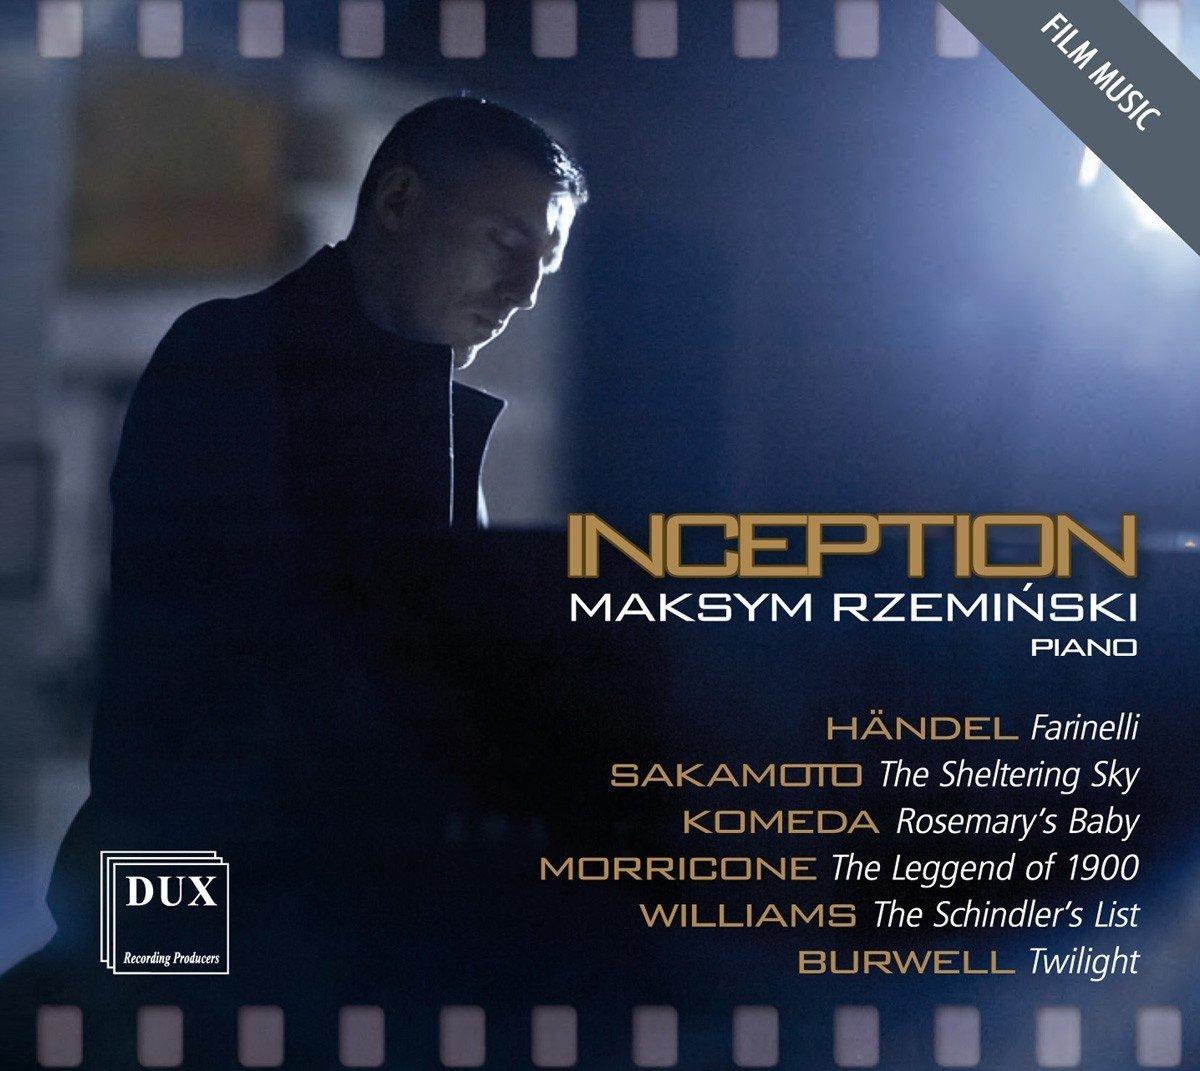 Inception - Maksym Rzeminski